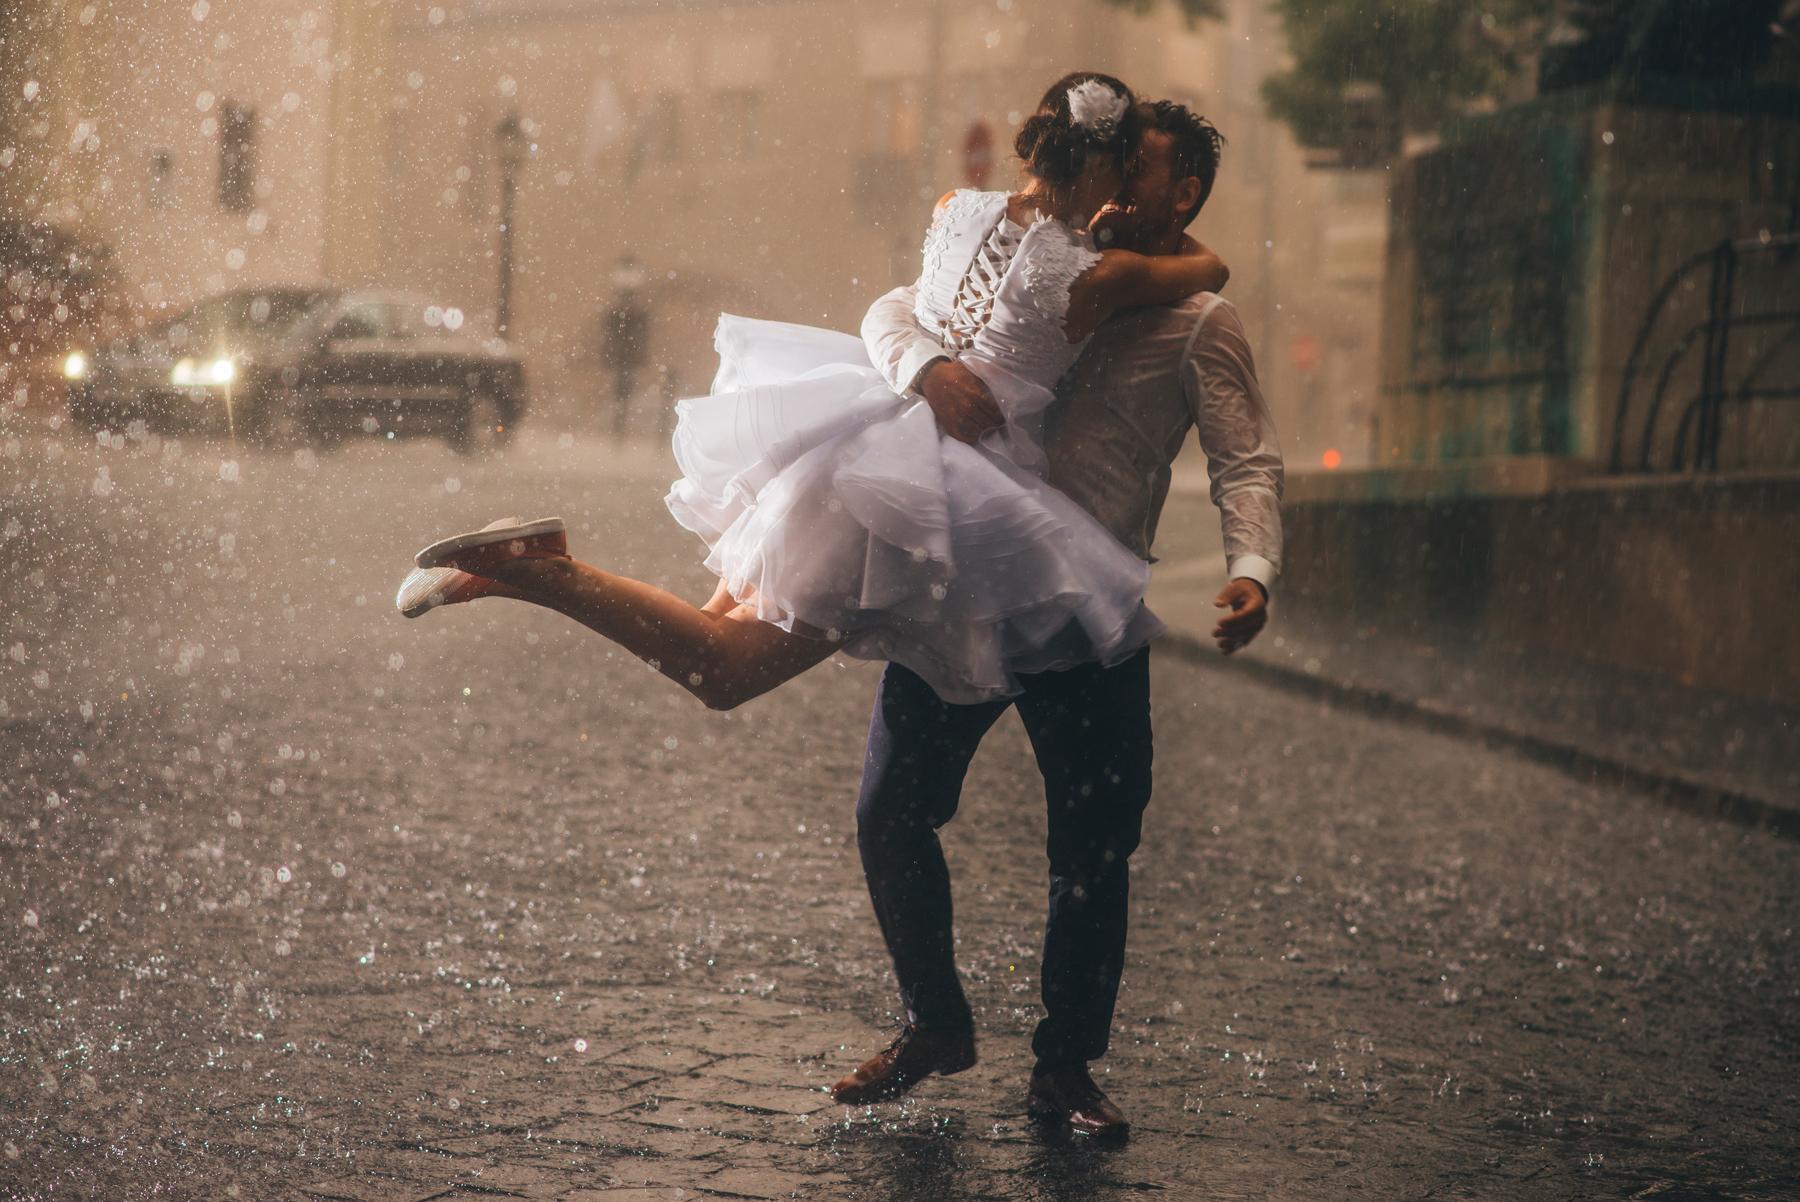 eső, szél, rossz idő az esküvő napján